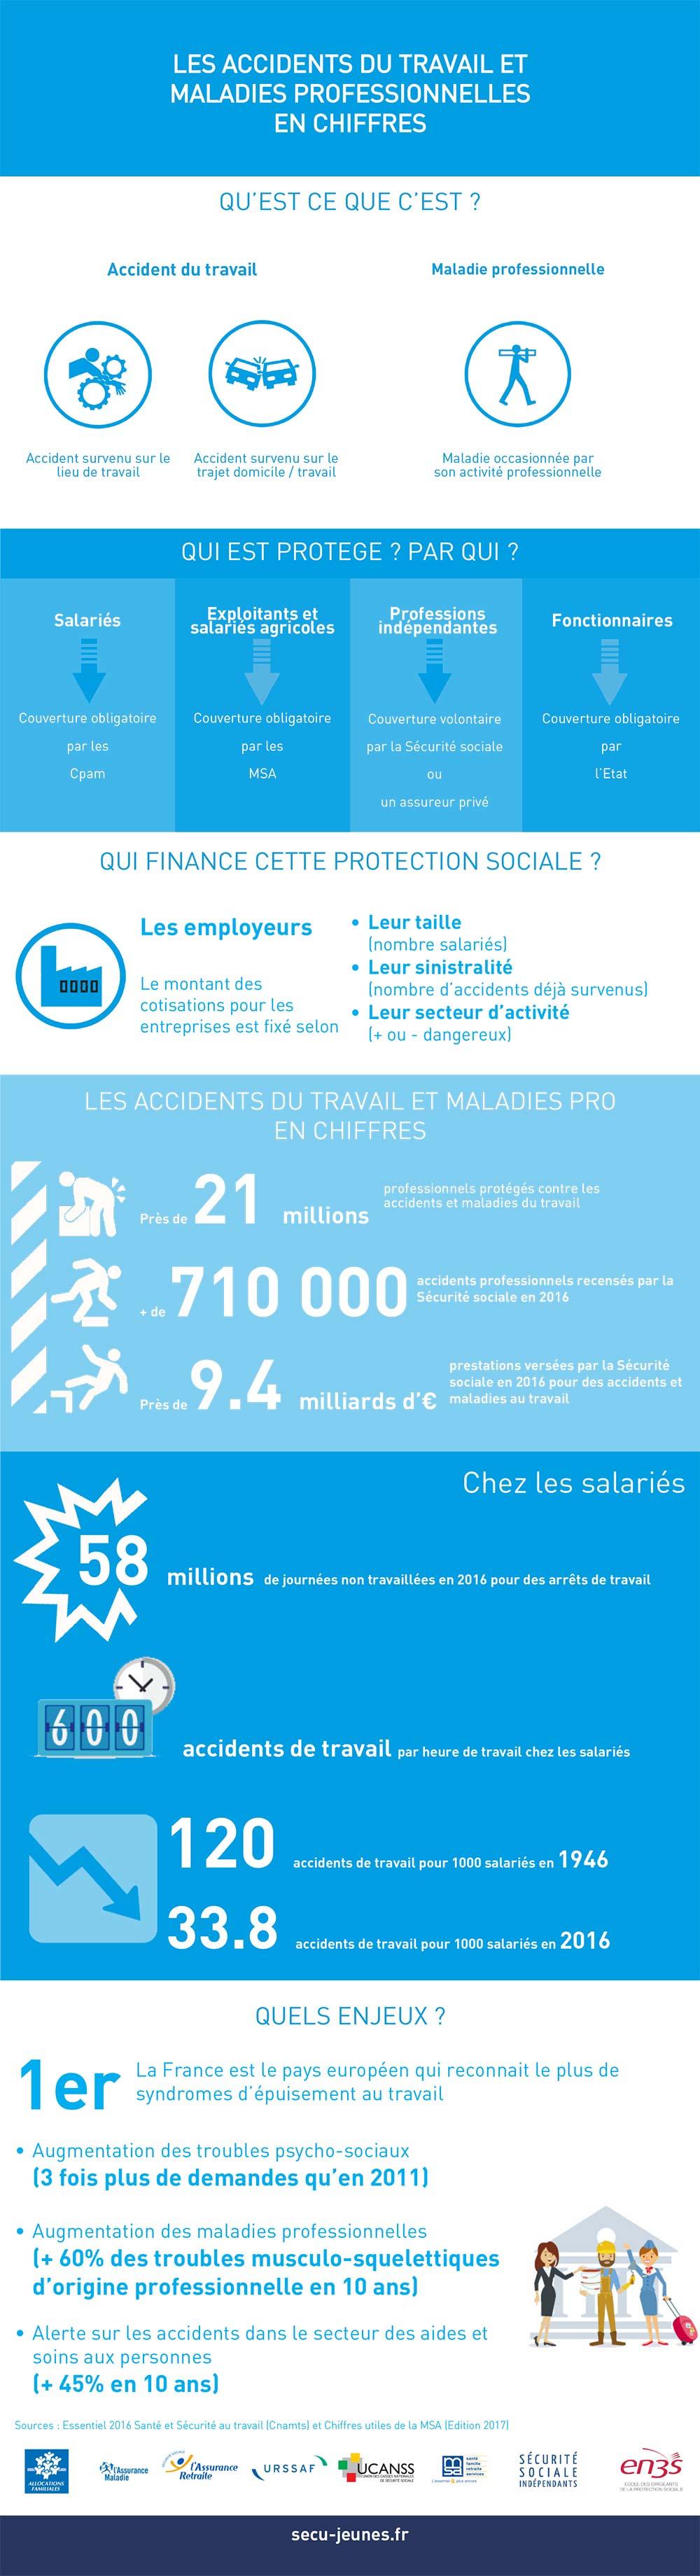 Les accidents du travail et maladies professionnelles en chiffres